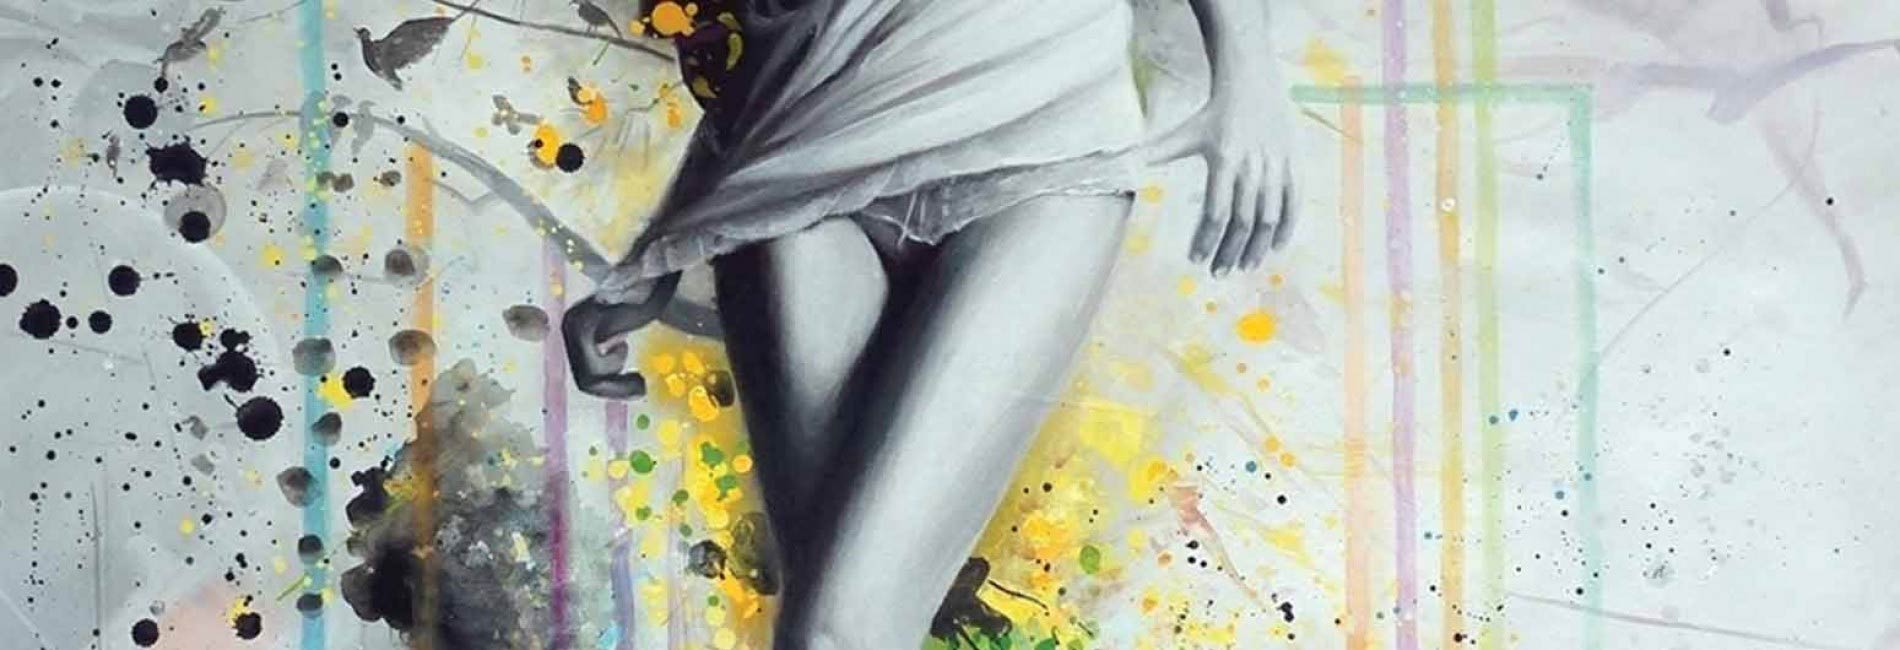 malerier_kunst_maleri_moderne-kunst_malerier-til-salg-abstrakte-malerier-12